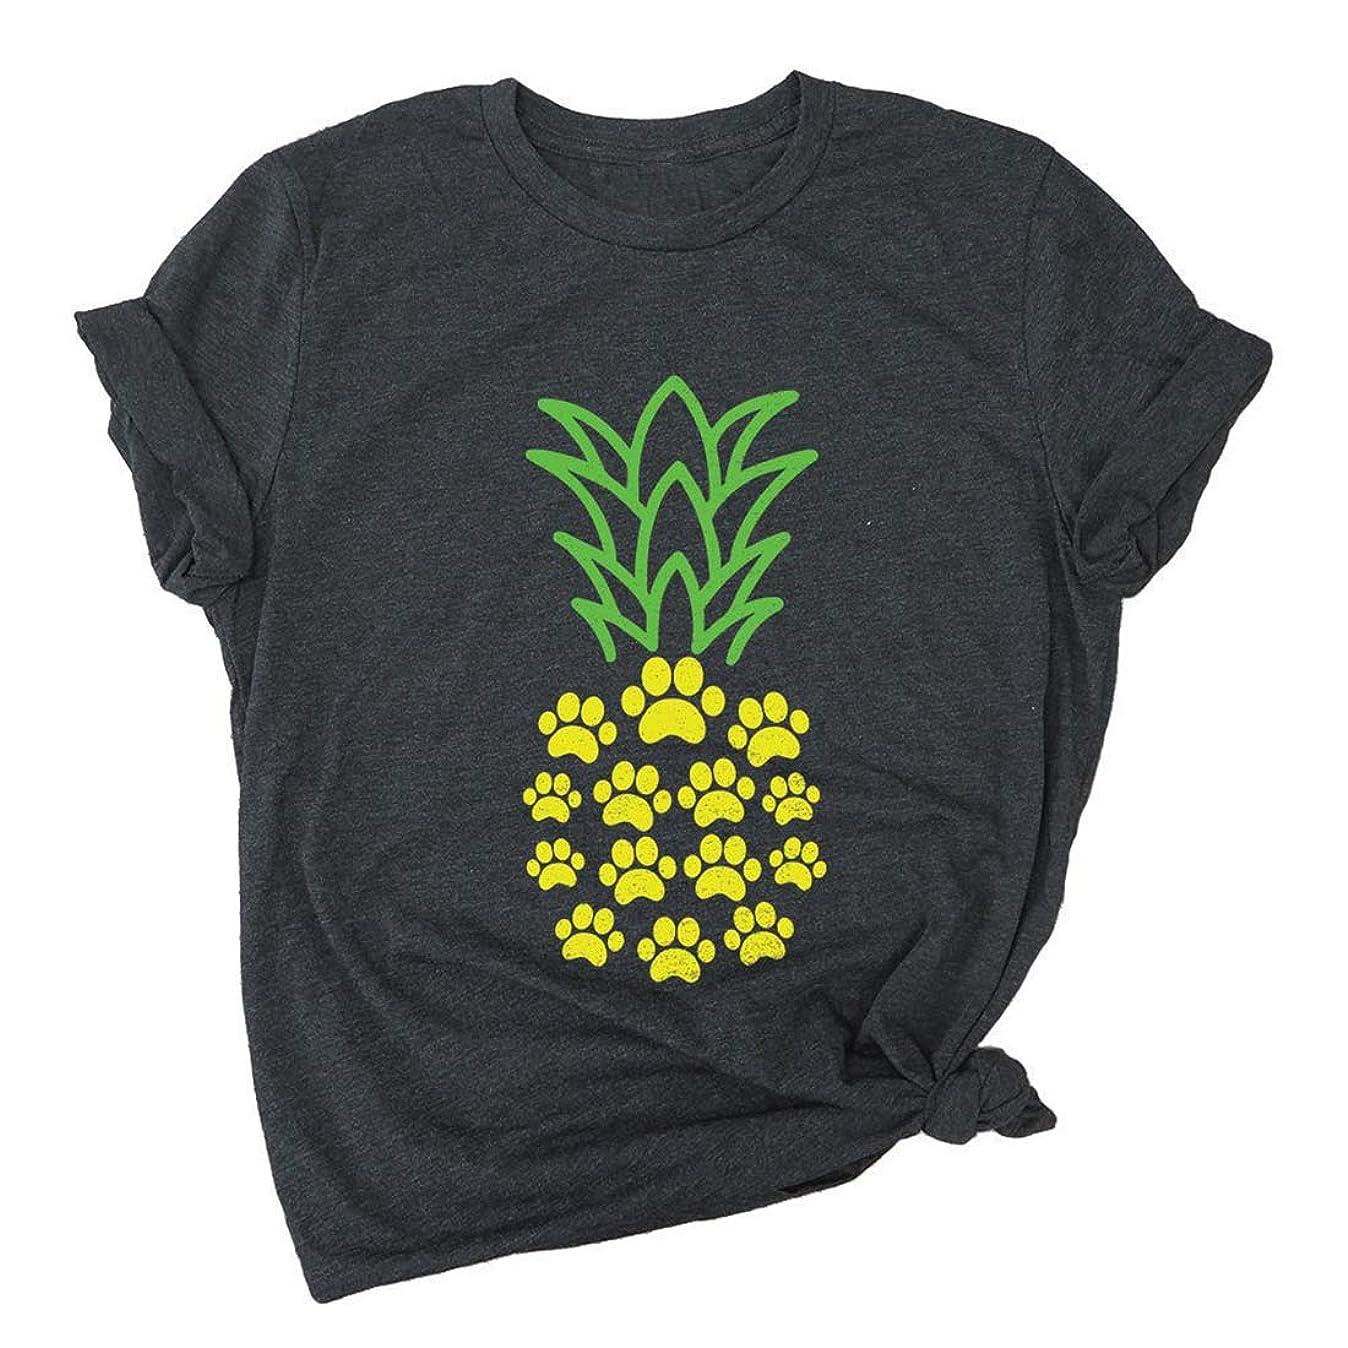 HRIUYI Pineapple Shirt Women's Summer Short Sleeve Casual Hawaiian Tops Blouse d8136791608